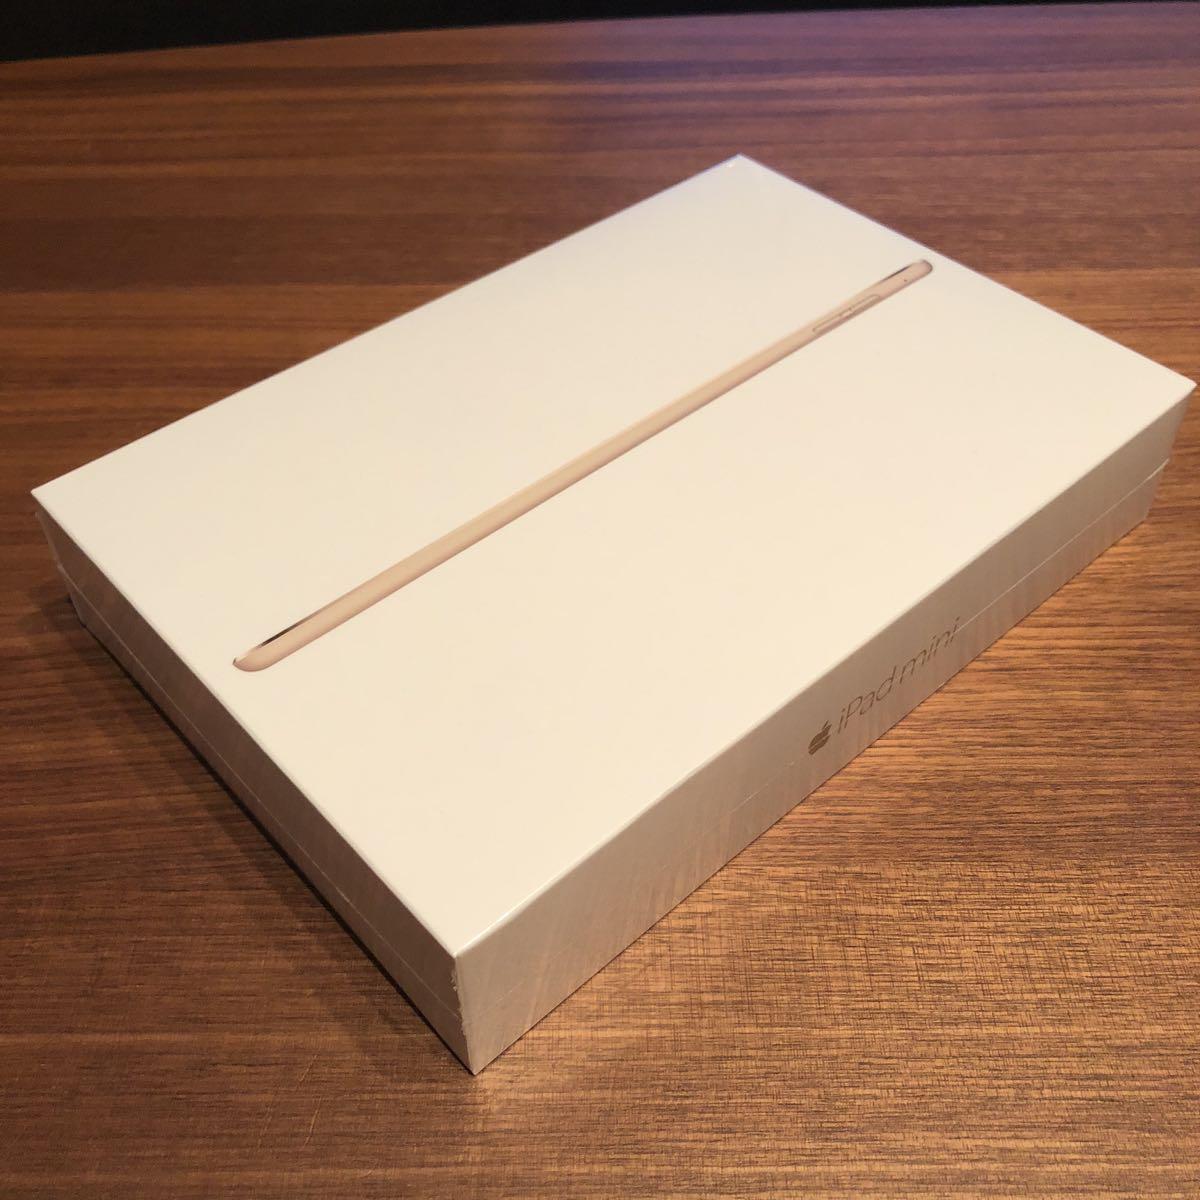 新品!【SIMフリー】iPad mini4 Wi-Fi Cellular 128GB/ゴールド Apple保証約1年あり